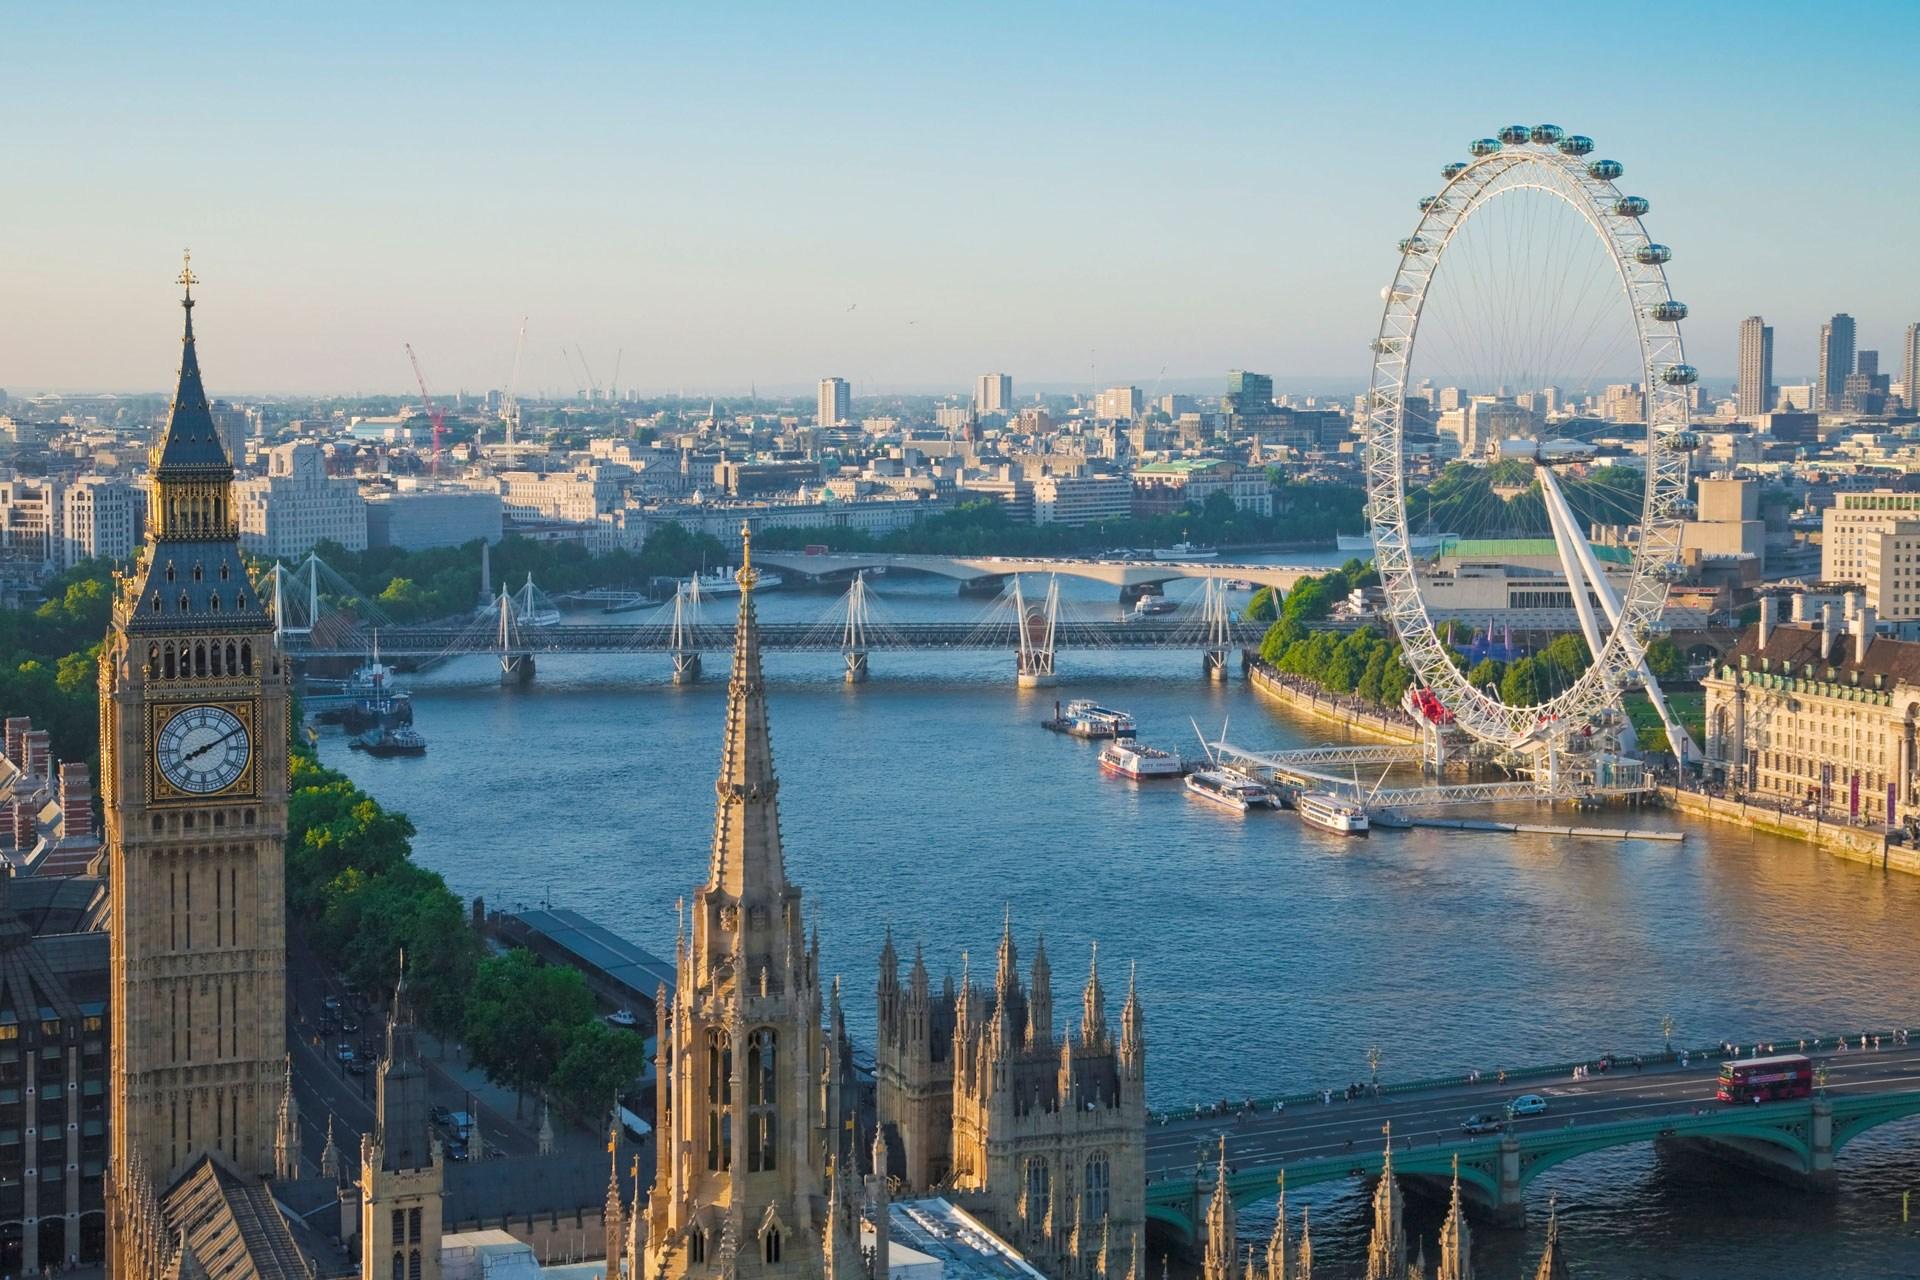 london_thames_view1